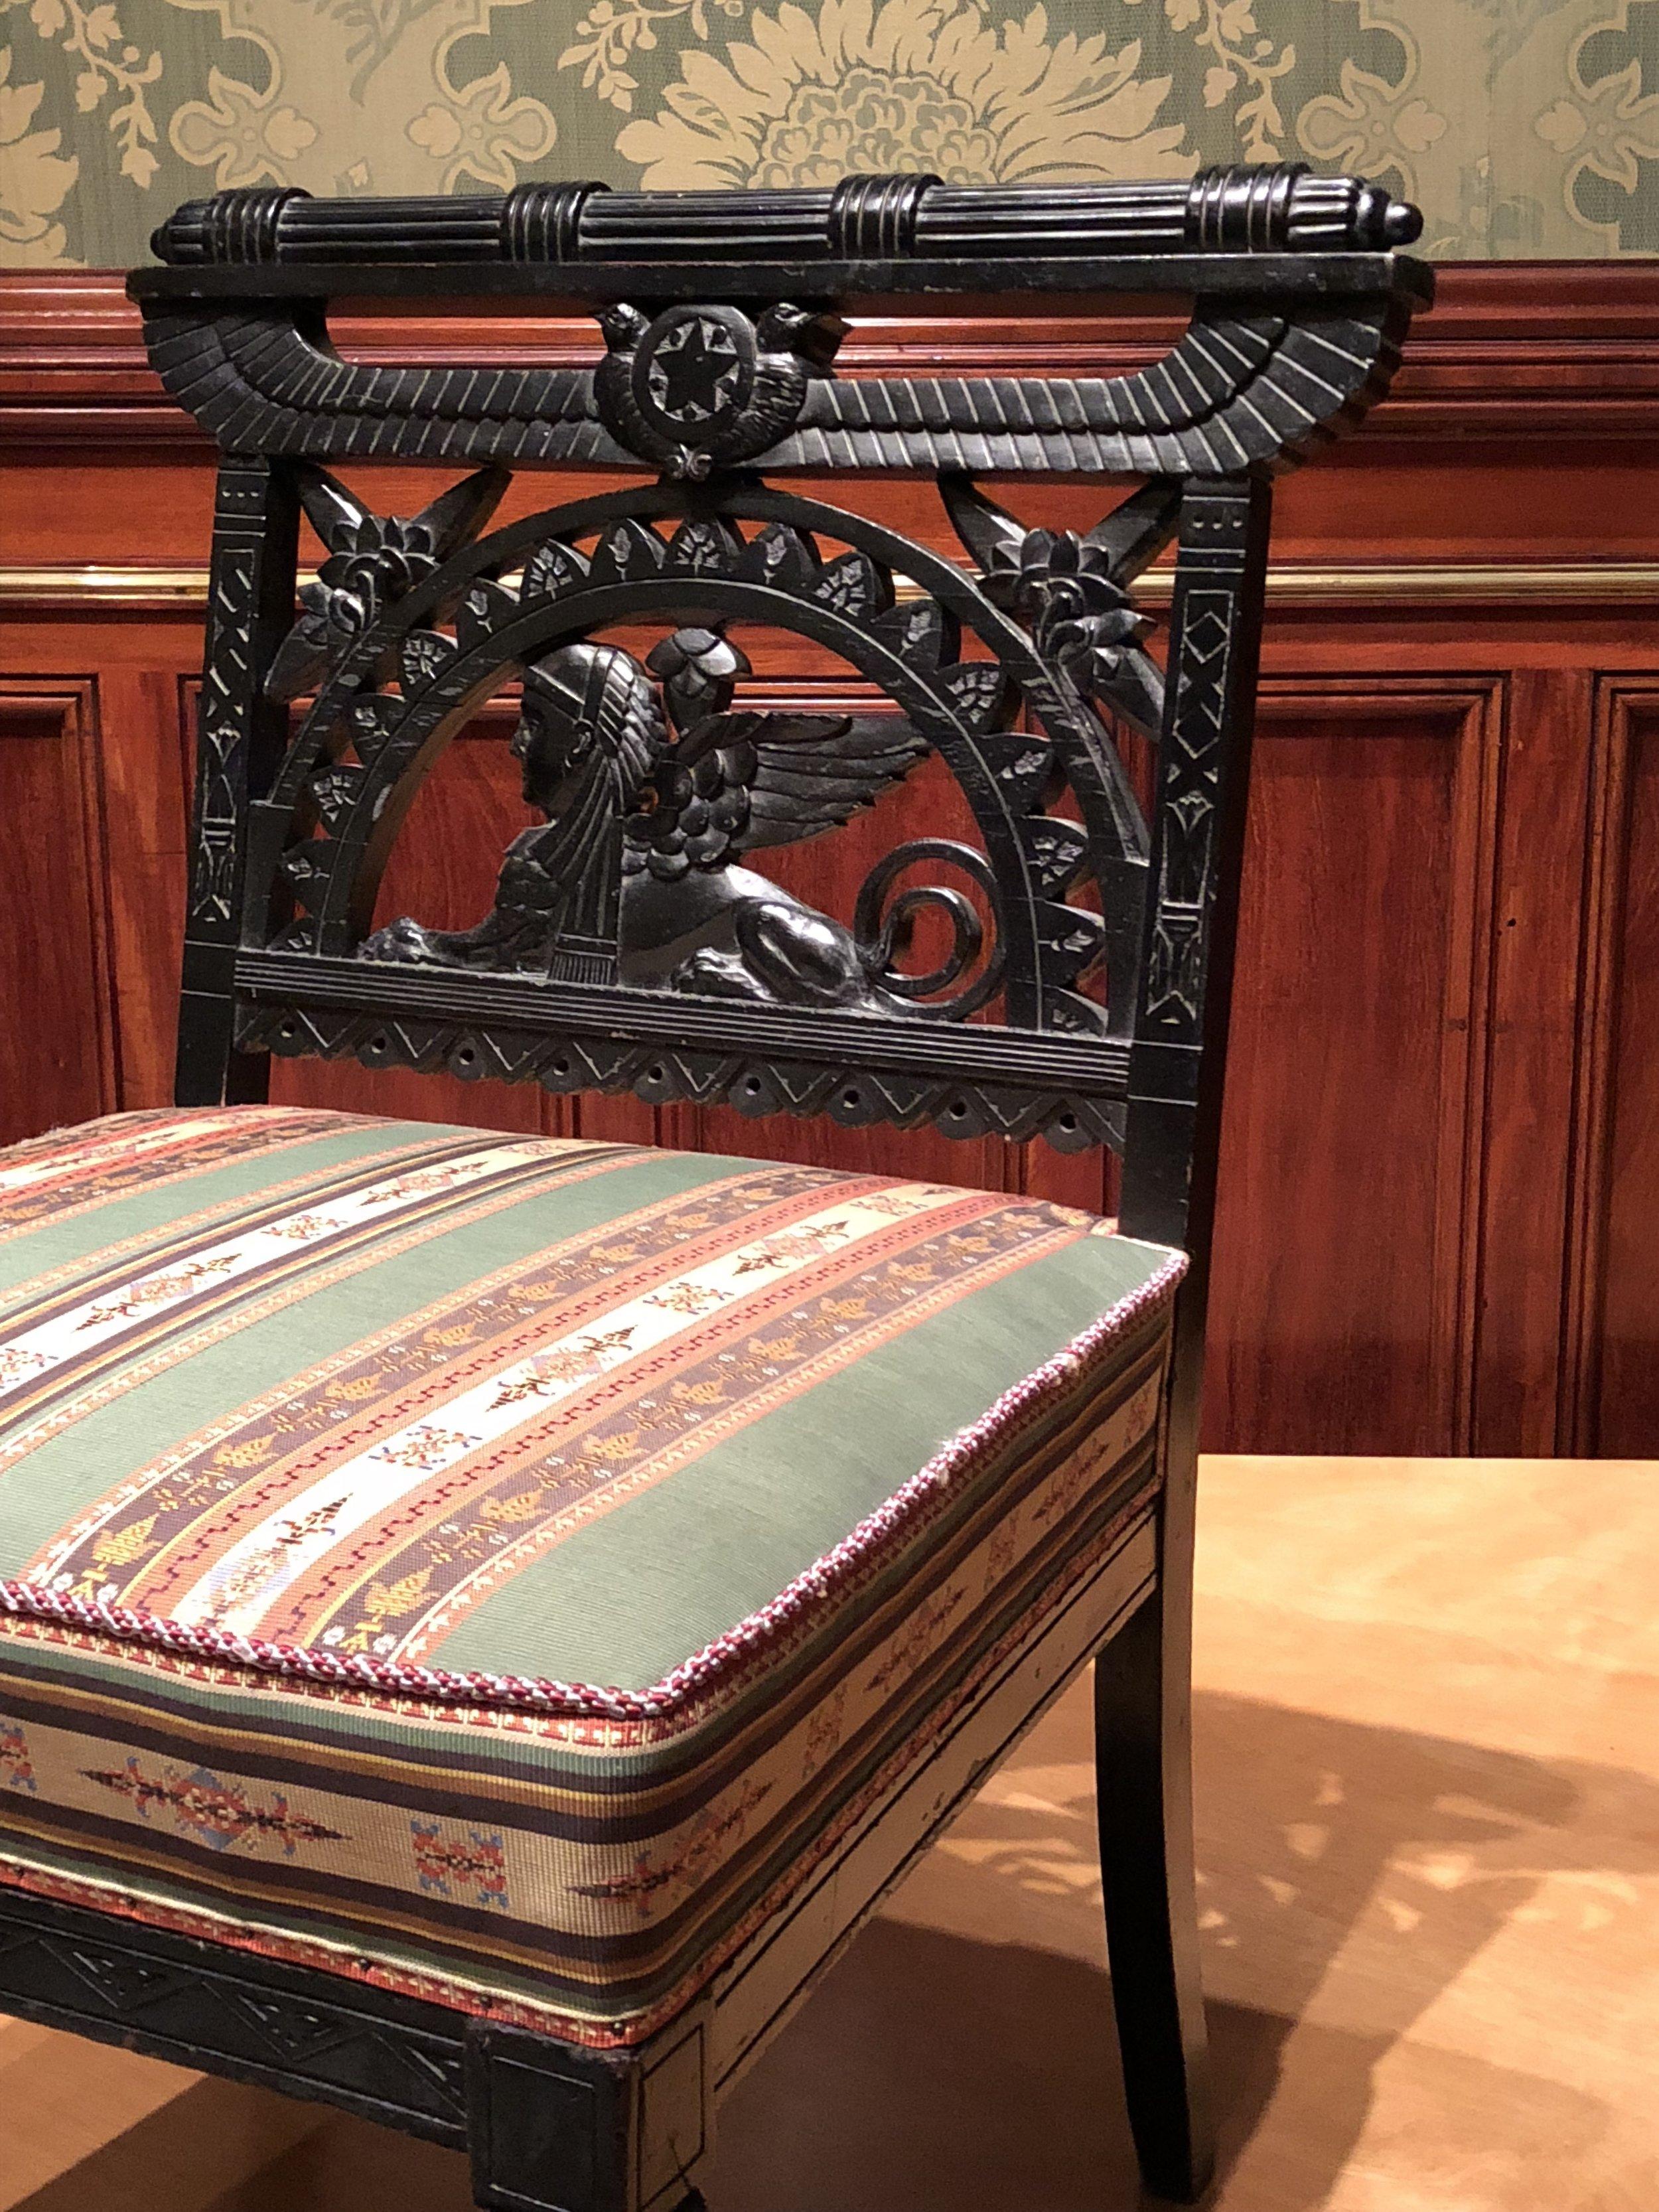 iunpatterned-driehaus-chair-6.jpg